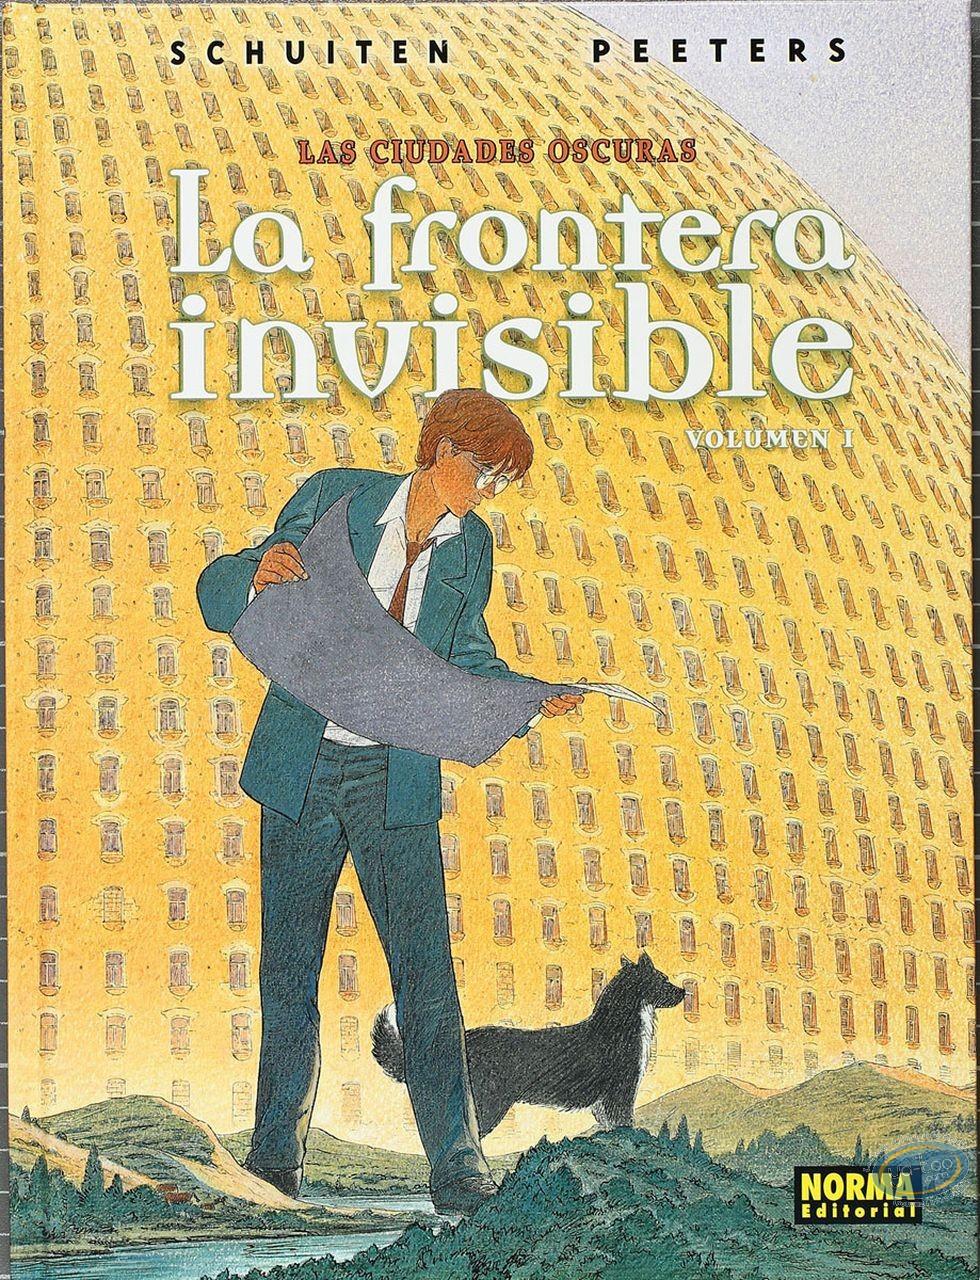 European Comic Books, Cités Obscures (Les) : La Frontera Invisible